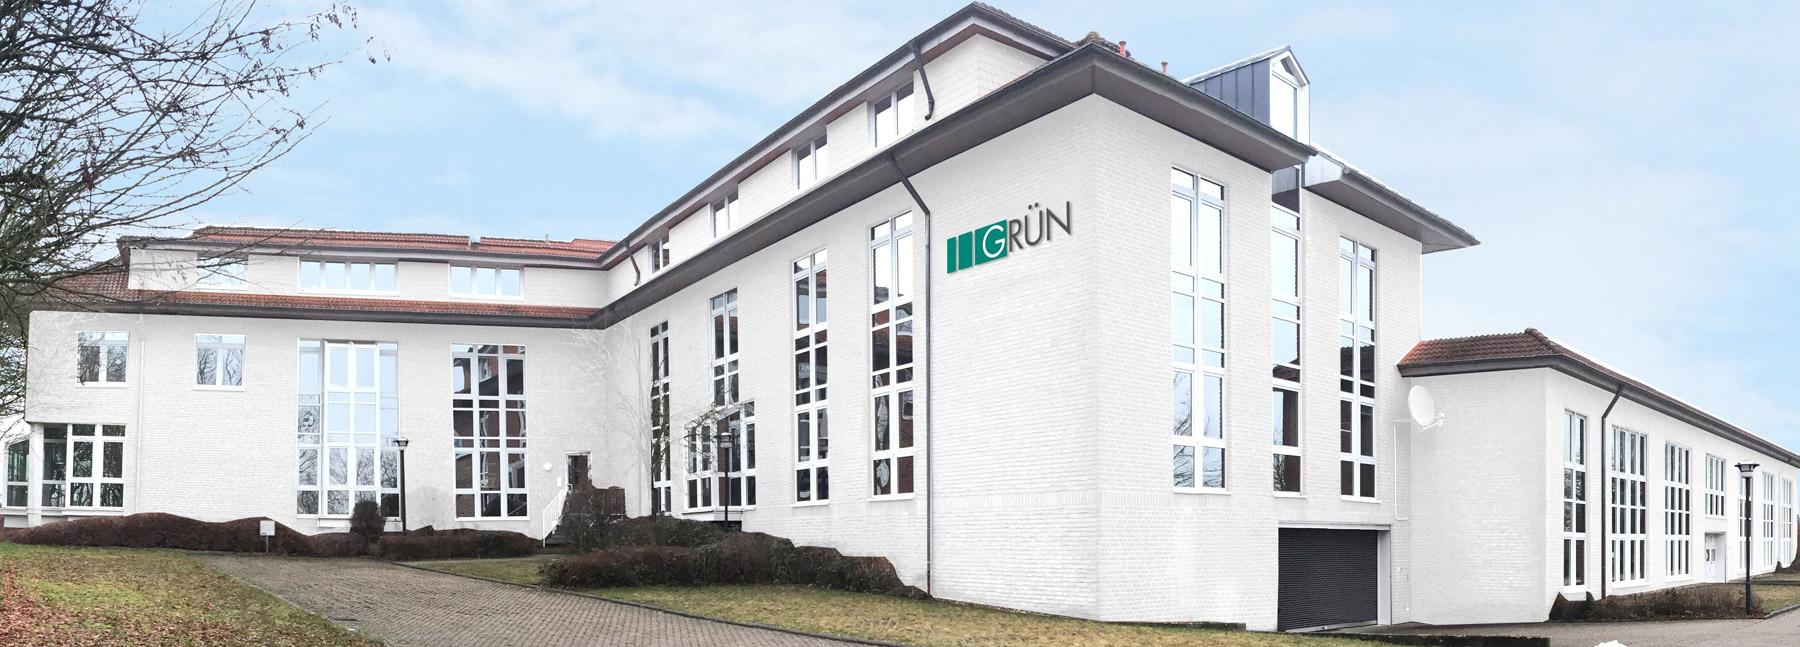 Animation des GRÜN Headquarter in Aachen nach Fertigstellung.